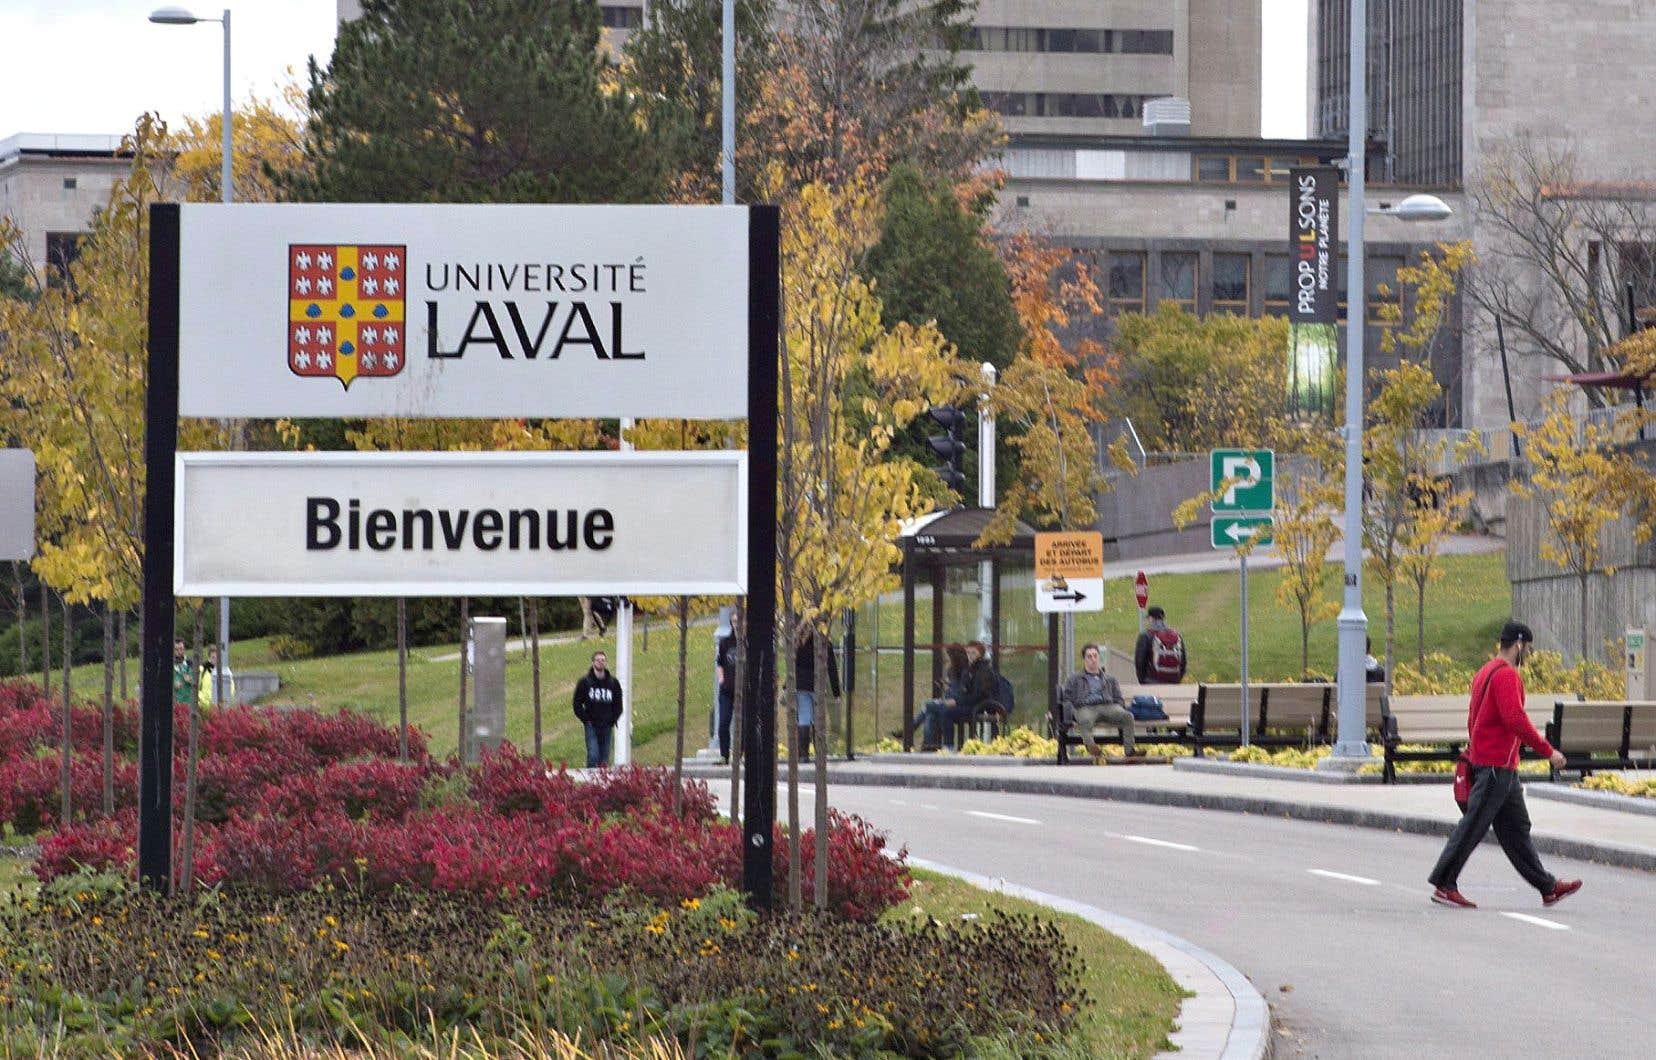 Une formation sur l'intelligence urbaine sera donnée sur le campus de l'Université Laval du 25mai au 3juin prochain.